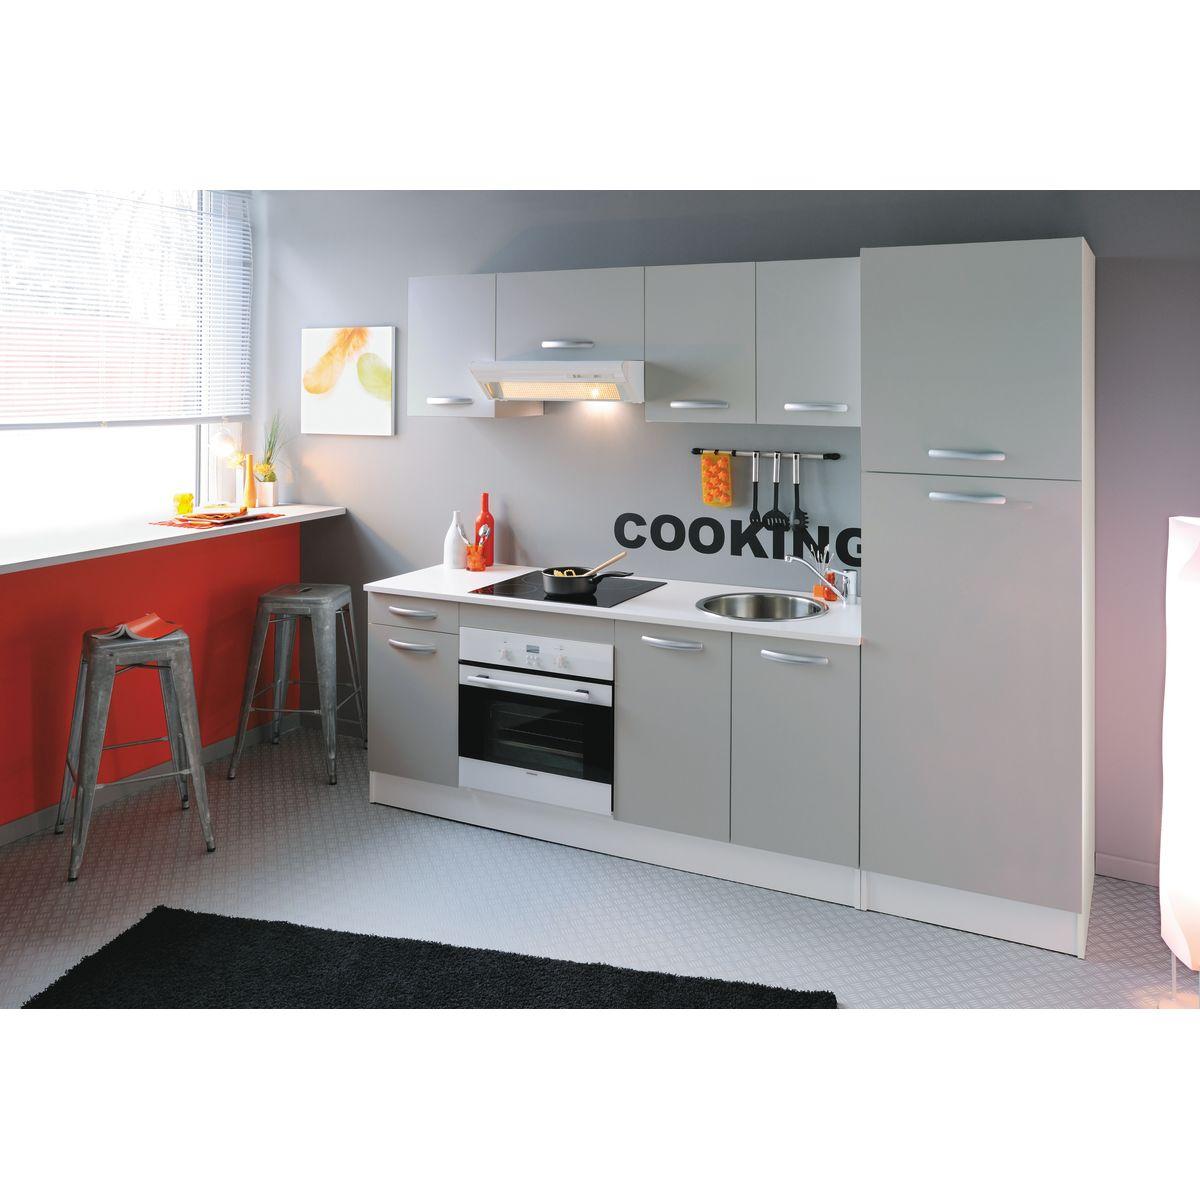 Moduli cucine componibili great bello moduli per cucine componibili cucine ikea foto with - Moduli componibili cucina ...